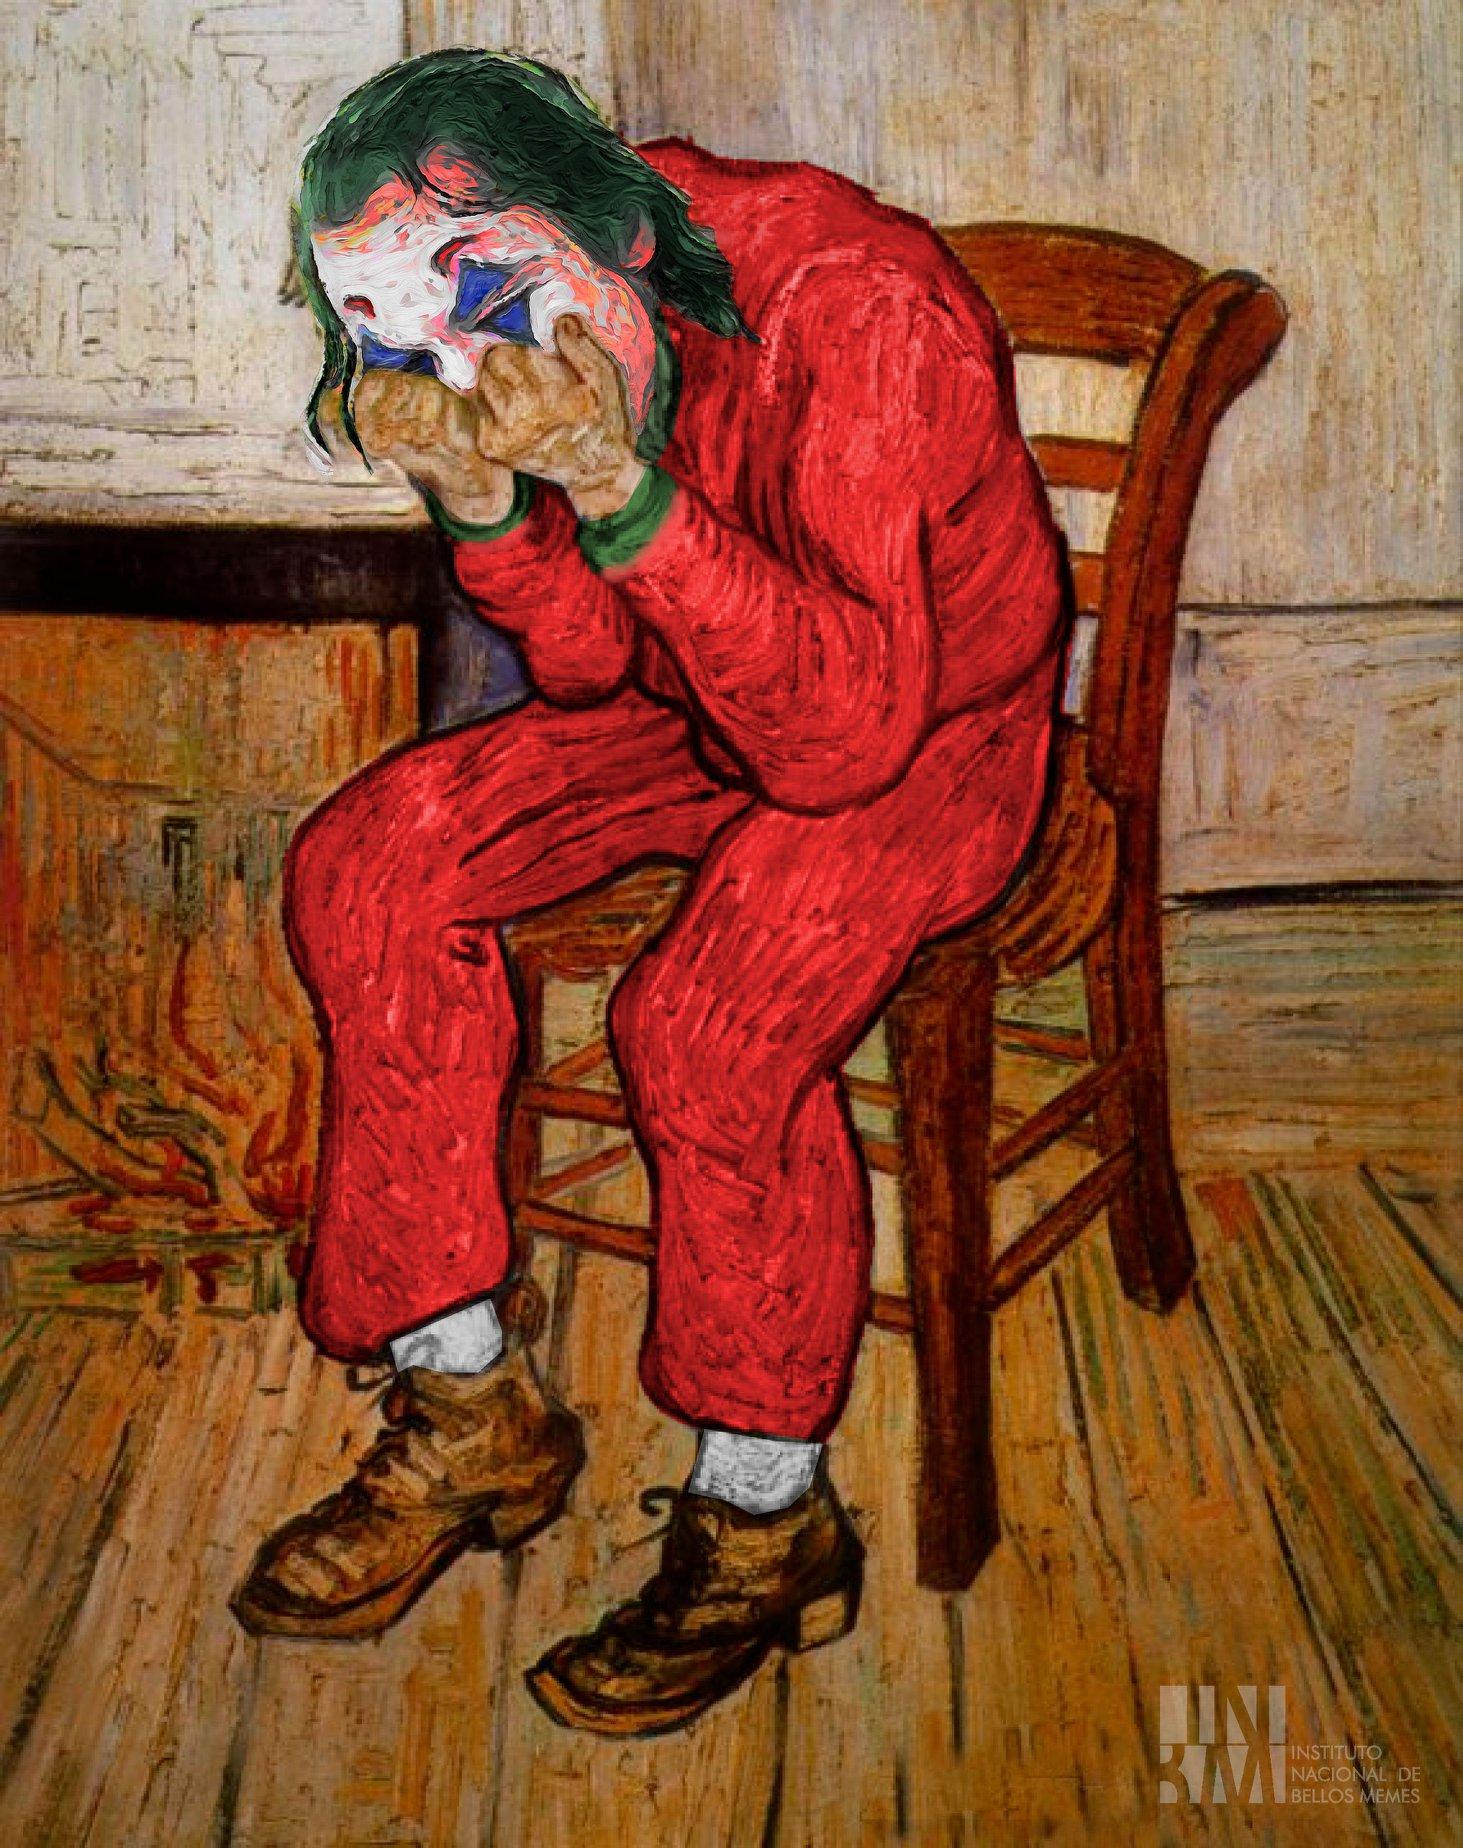 Meme – Van Gogh – Anciano afligido joker